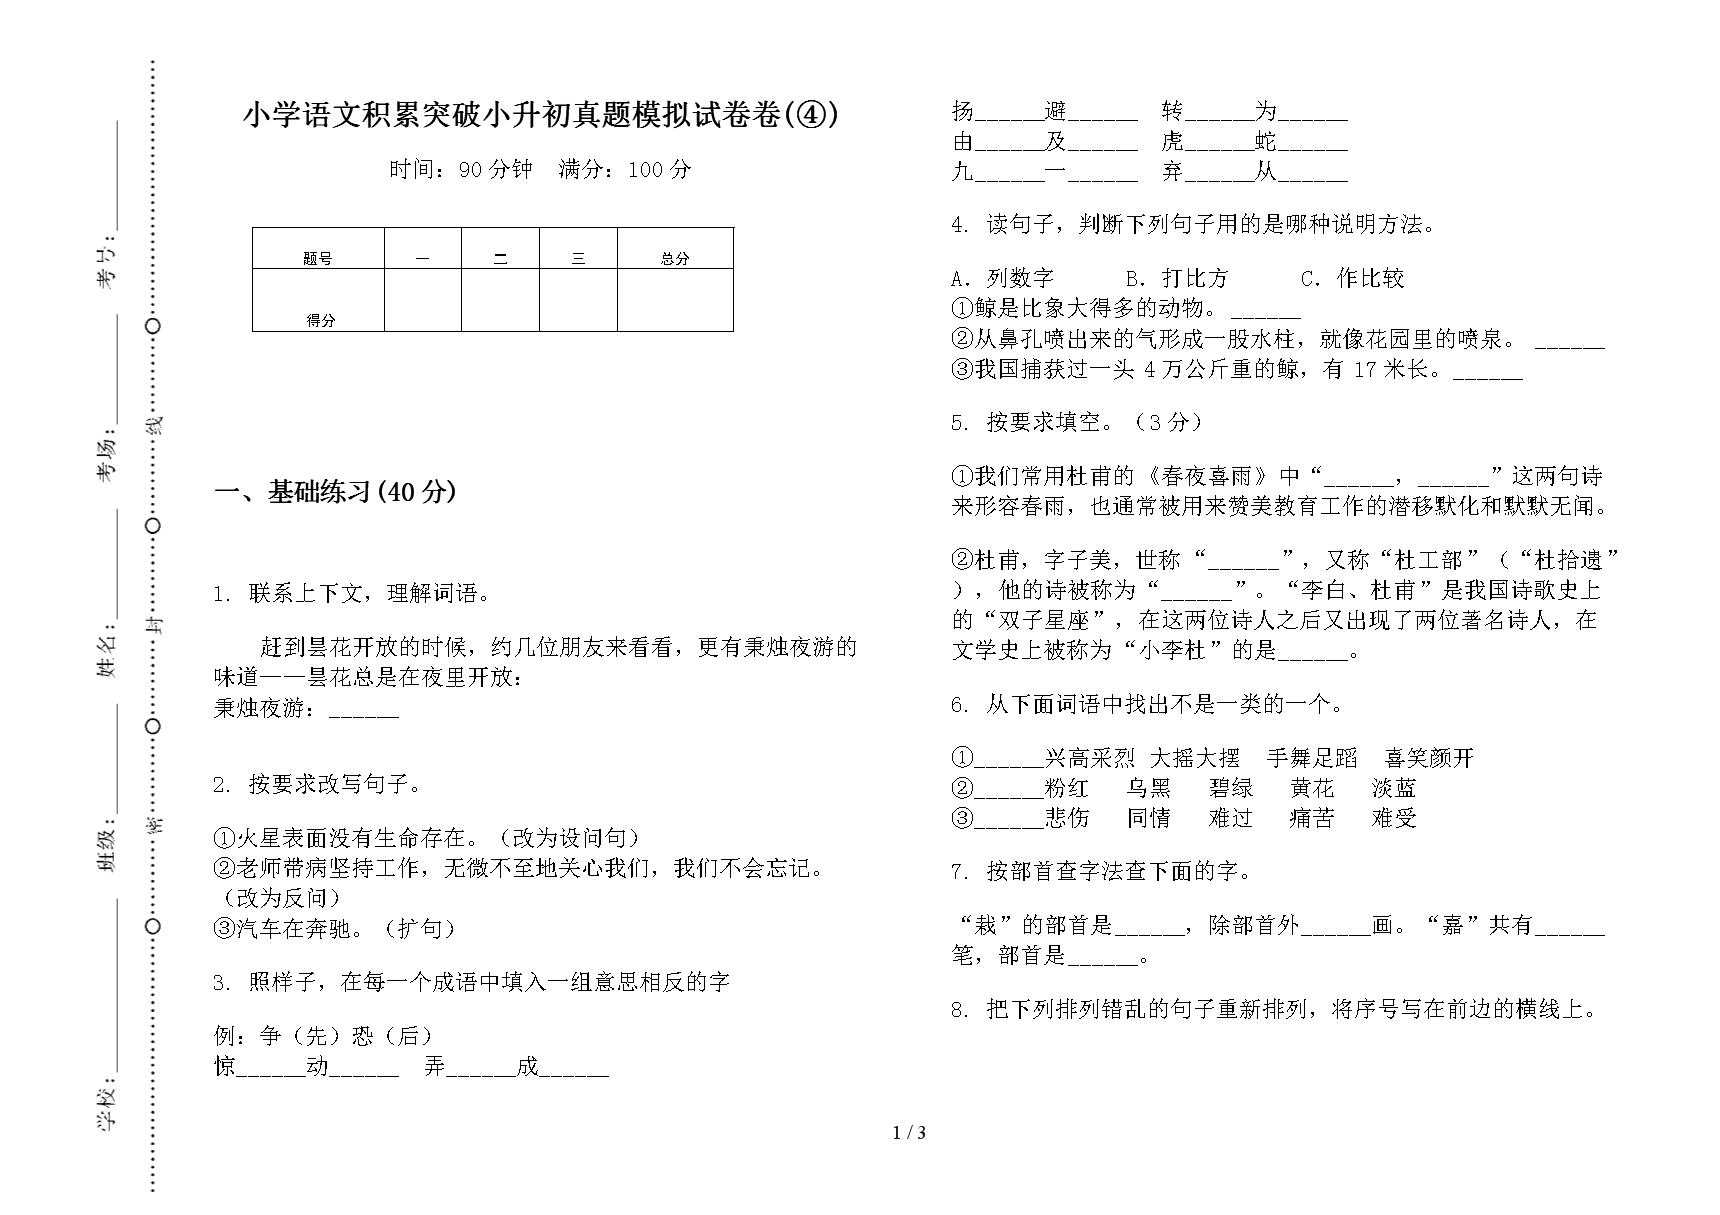 小学语文积累突破小升初真题模拟试卷卷(④).docx